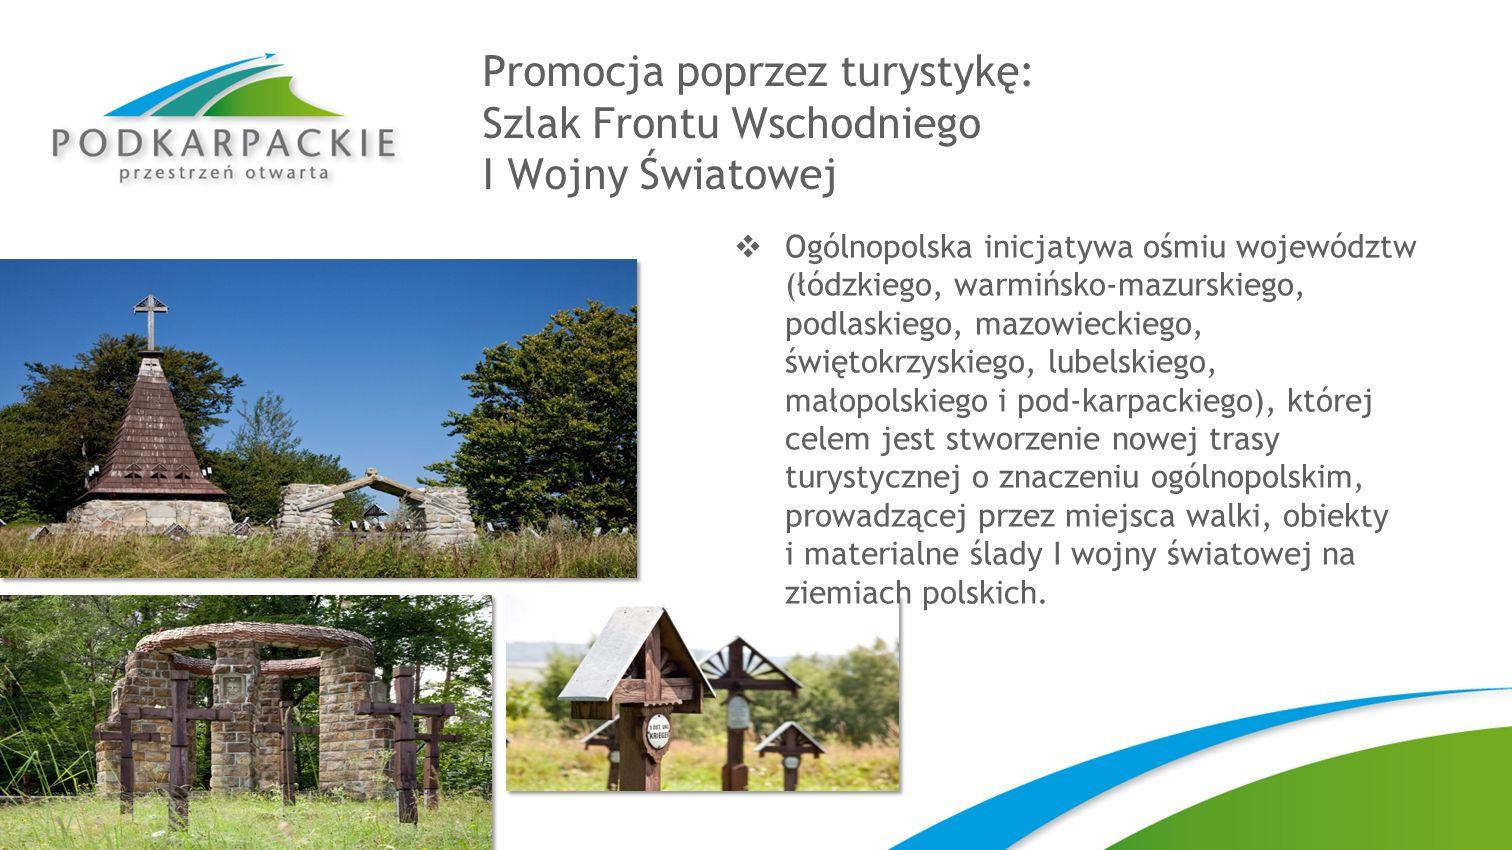 Promocja poprzez turystykę: Szlak Frontu Wschodniego I Wojny Światowej